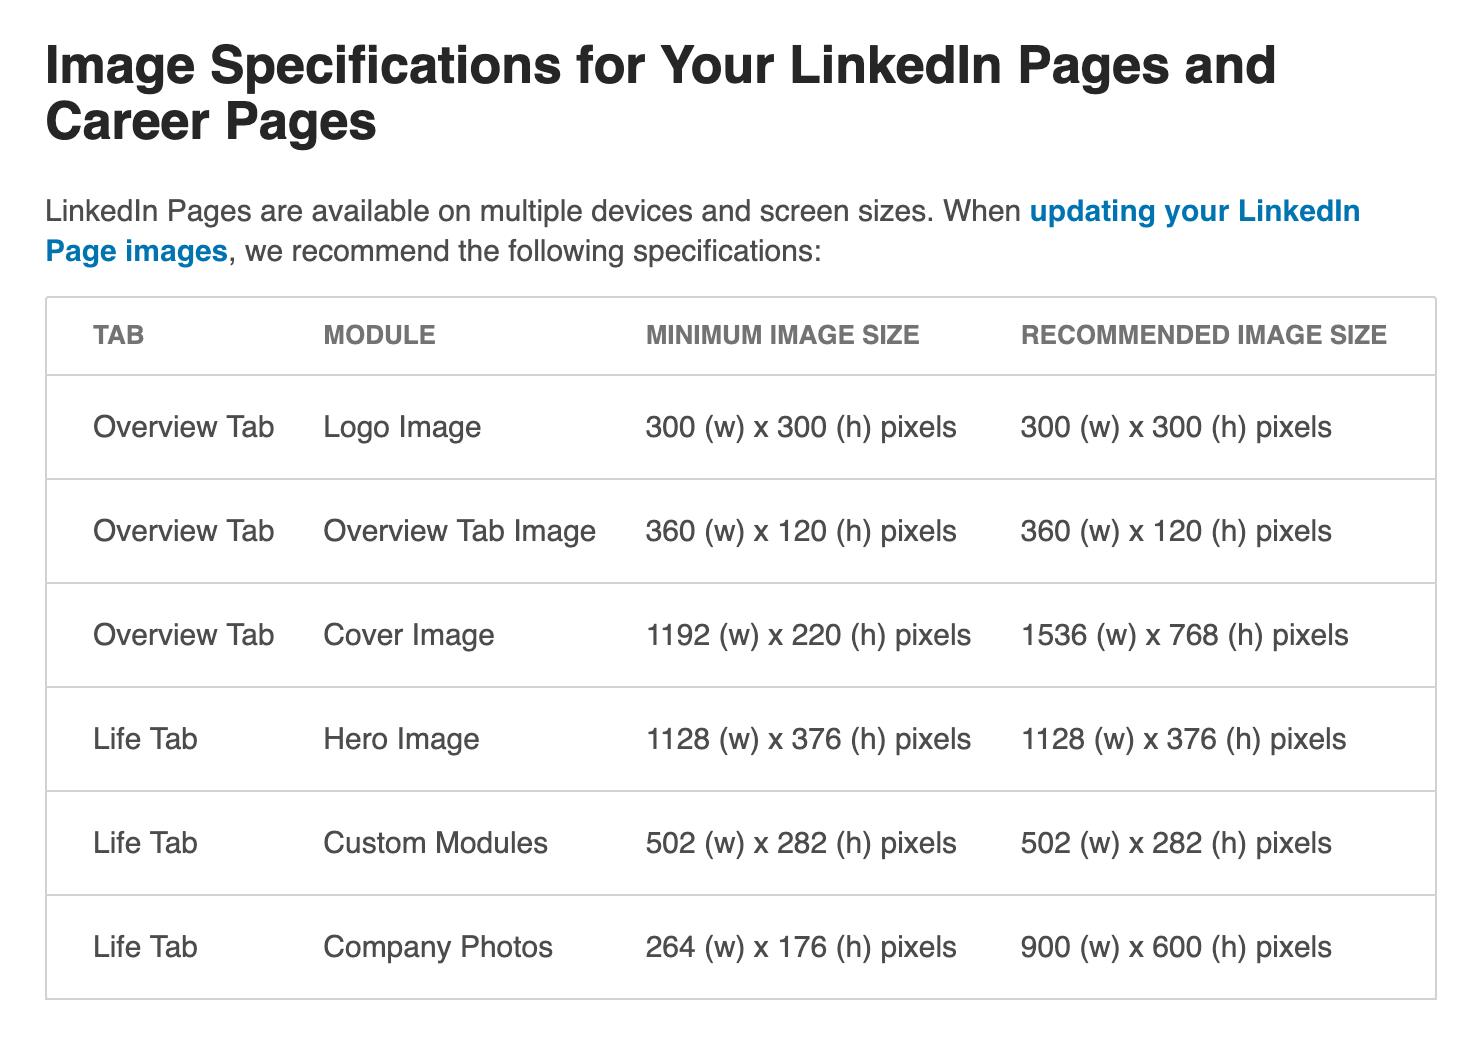 LinkedInSpecs 190205.png